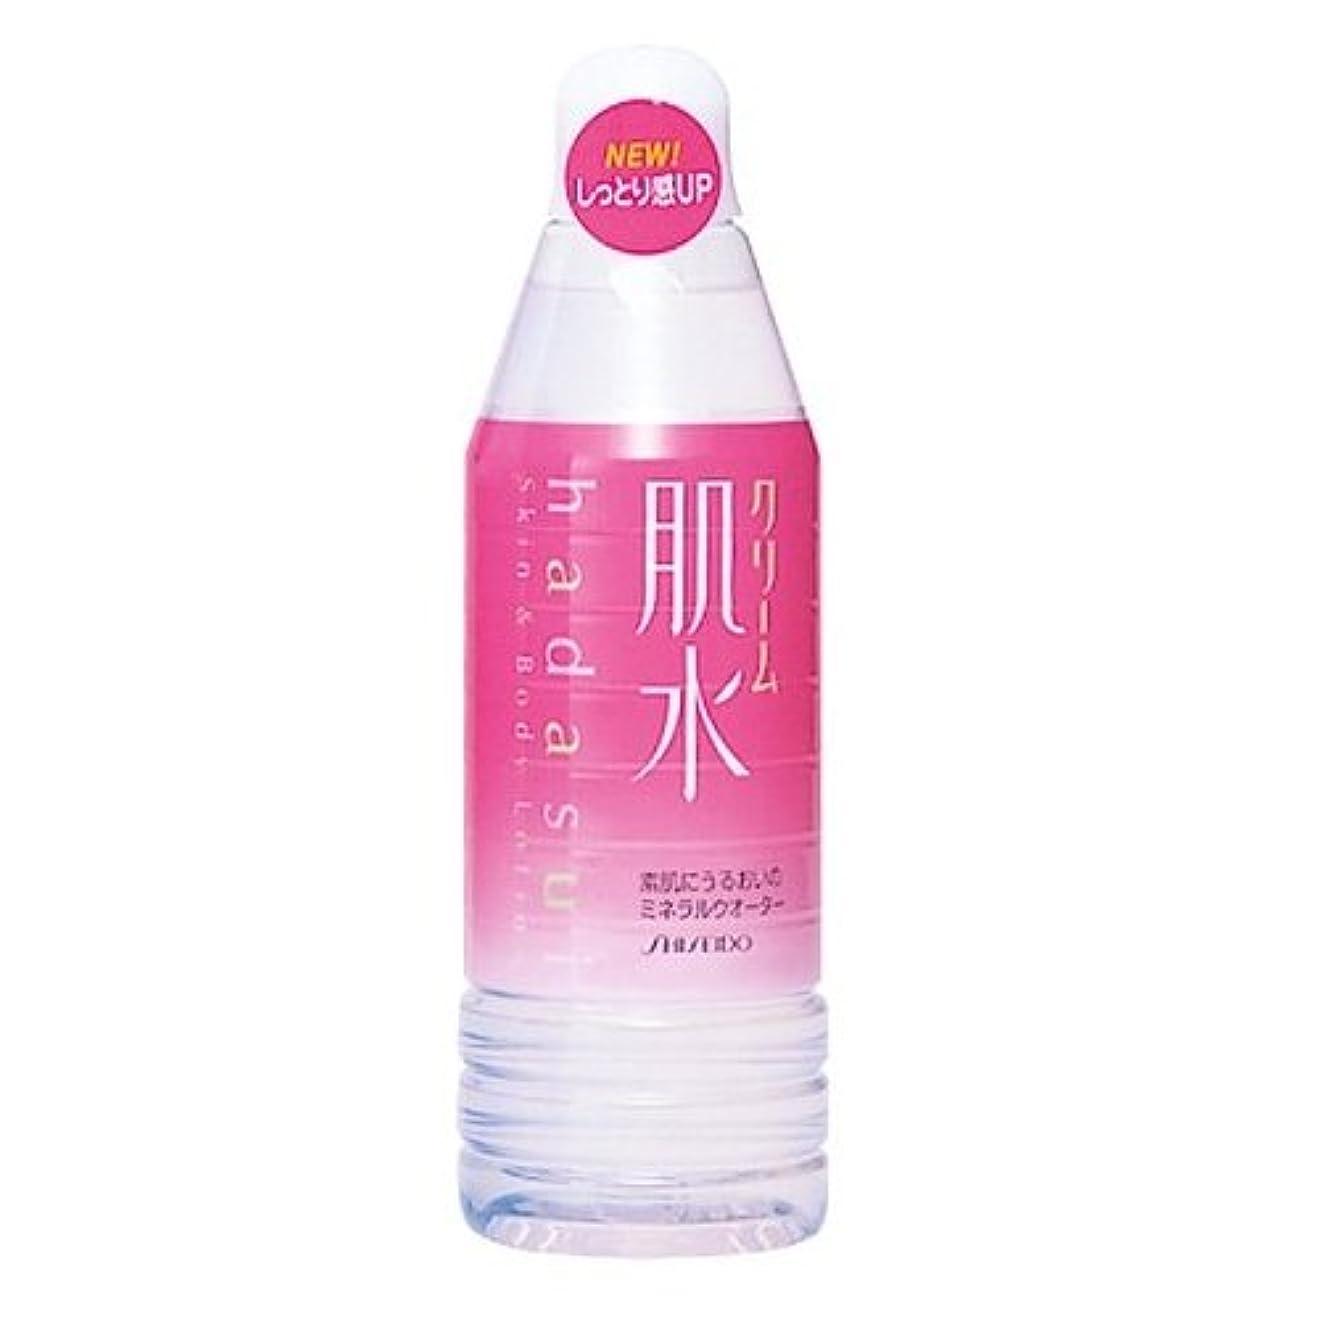 いちゃつく自発的研究クリーム肌水 400ml ボトルタイプ